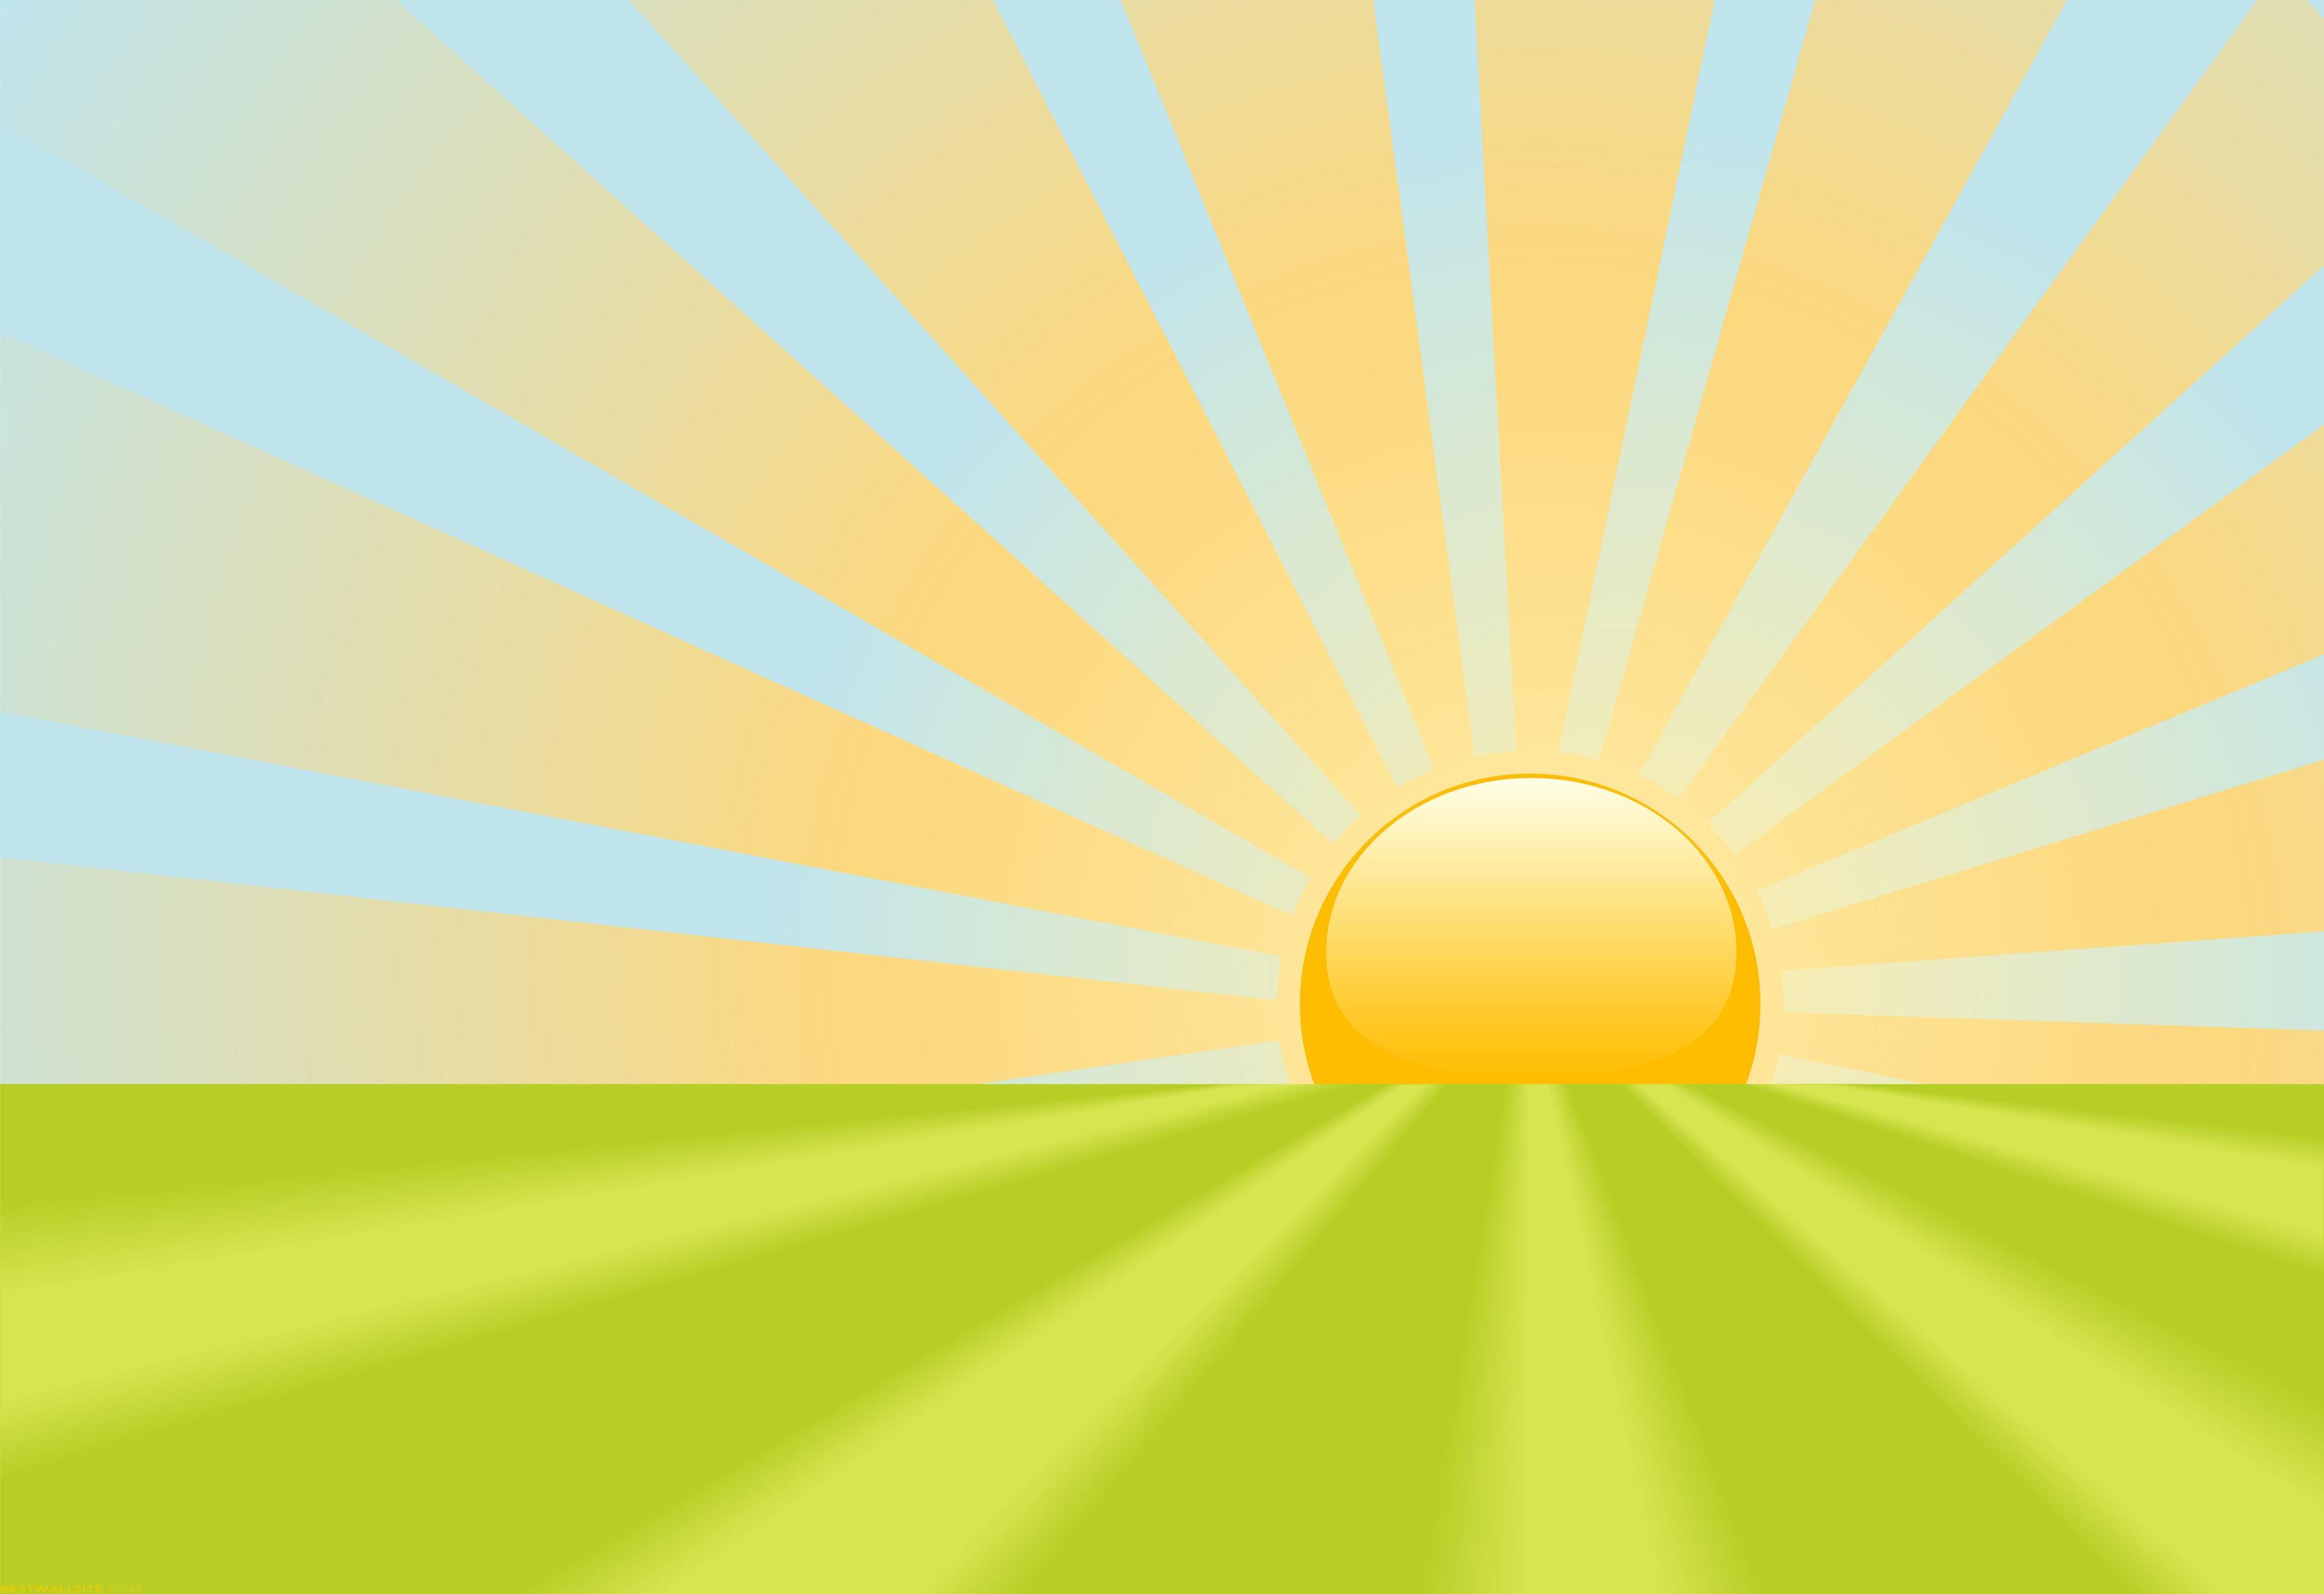 Rise And Shine Graphic Design